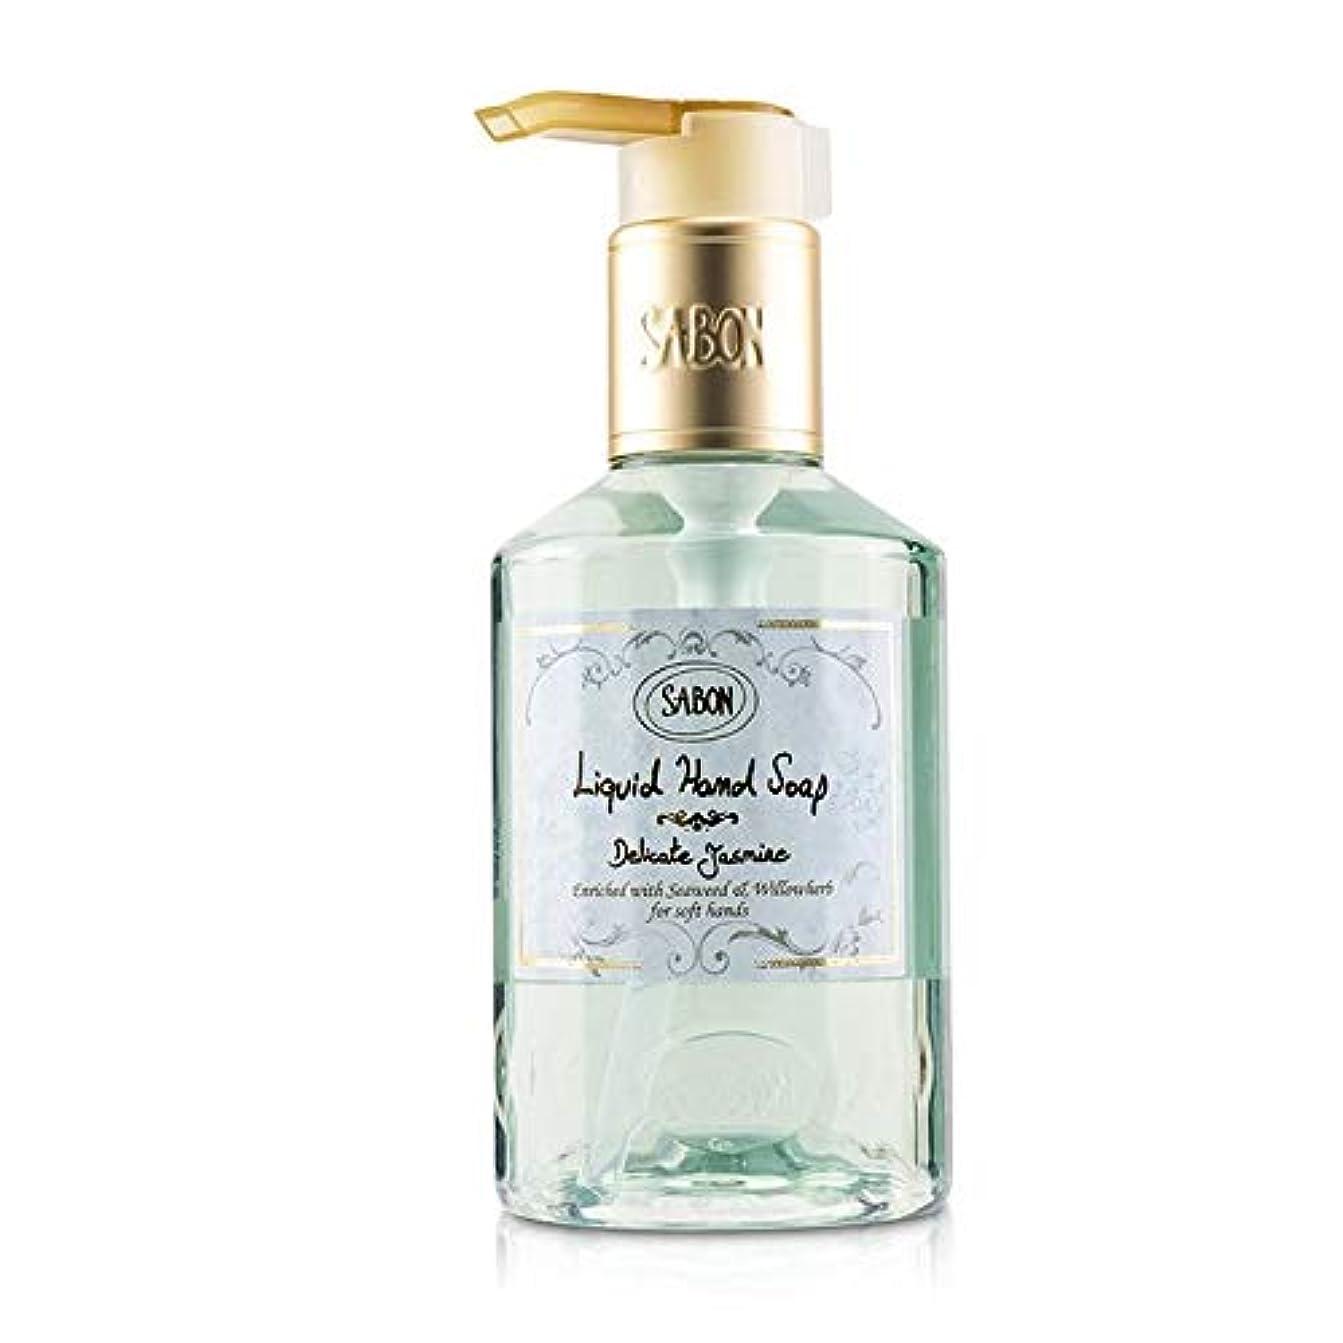 明日発生する柔和サボン Liquid Hand Soap - Delicate Jasmine 200ml/7oz並行輸入品